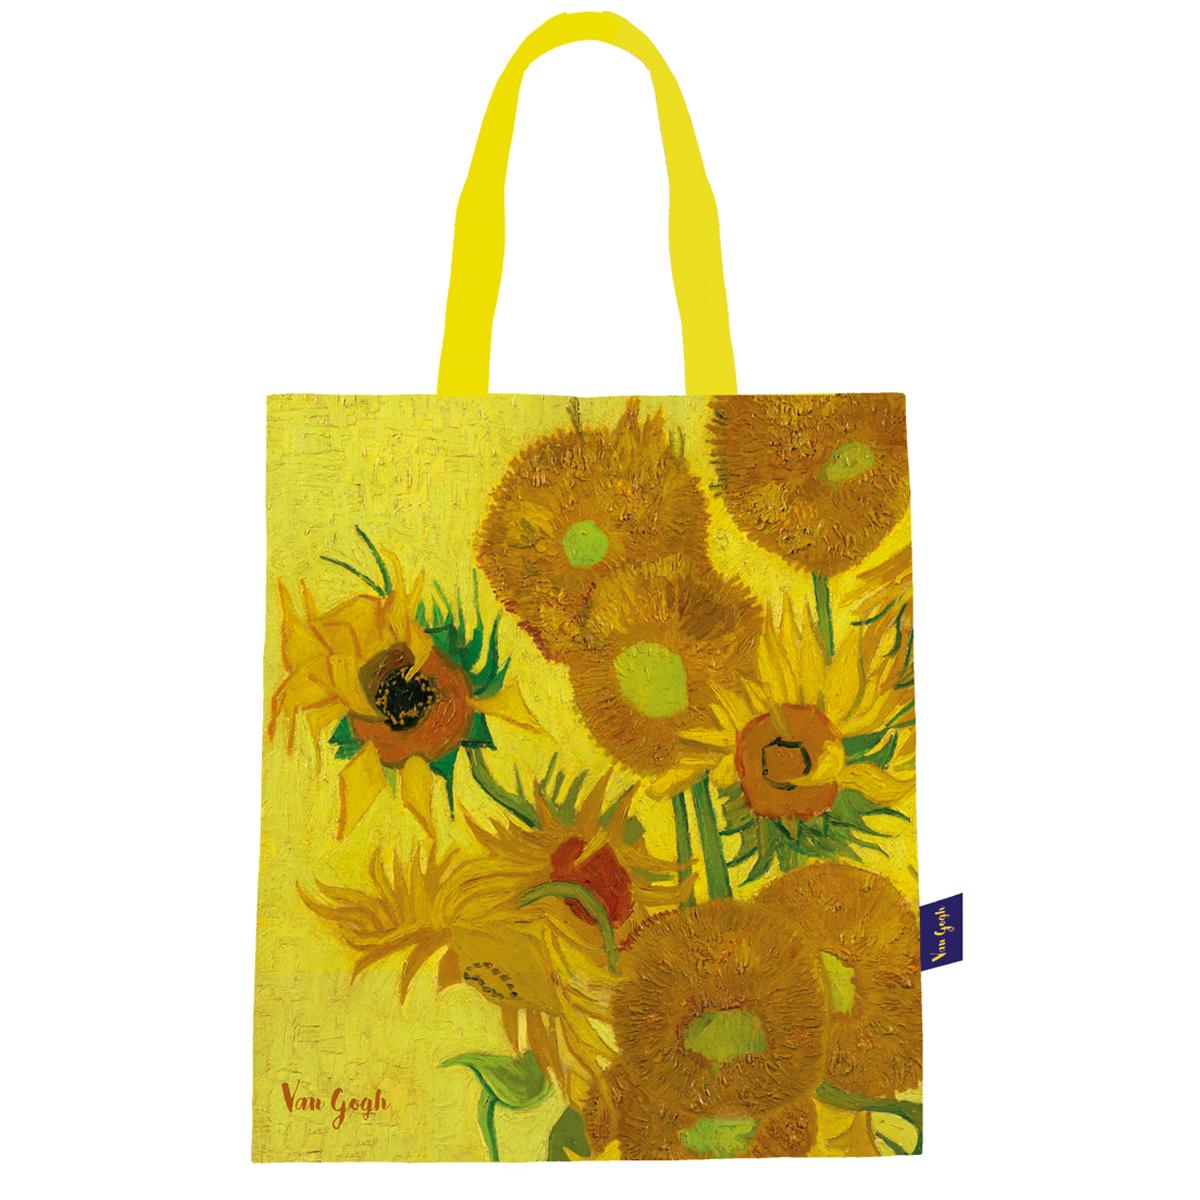 Sac coton / tote bag \'Vincent Van Gogh\' (Les Tournesols) - 44x38 cm - [Q9251]